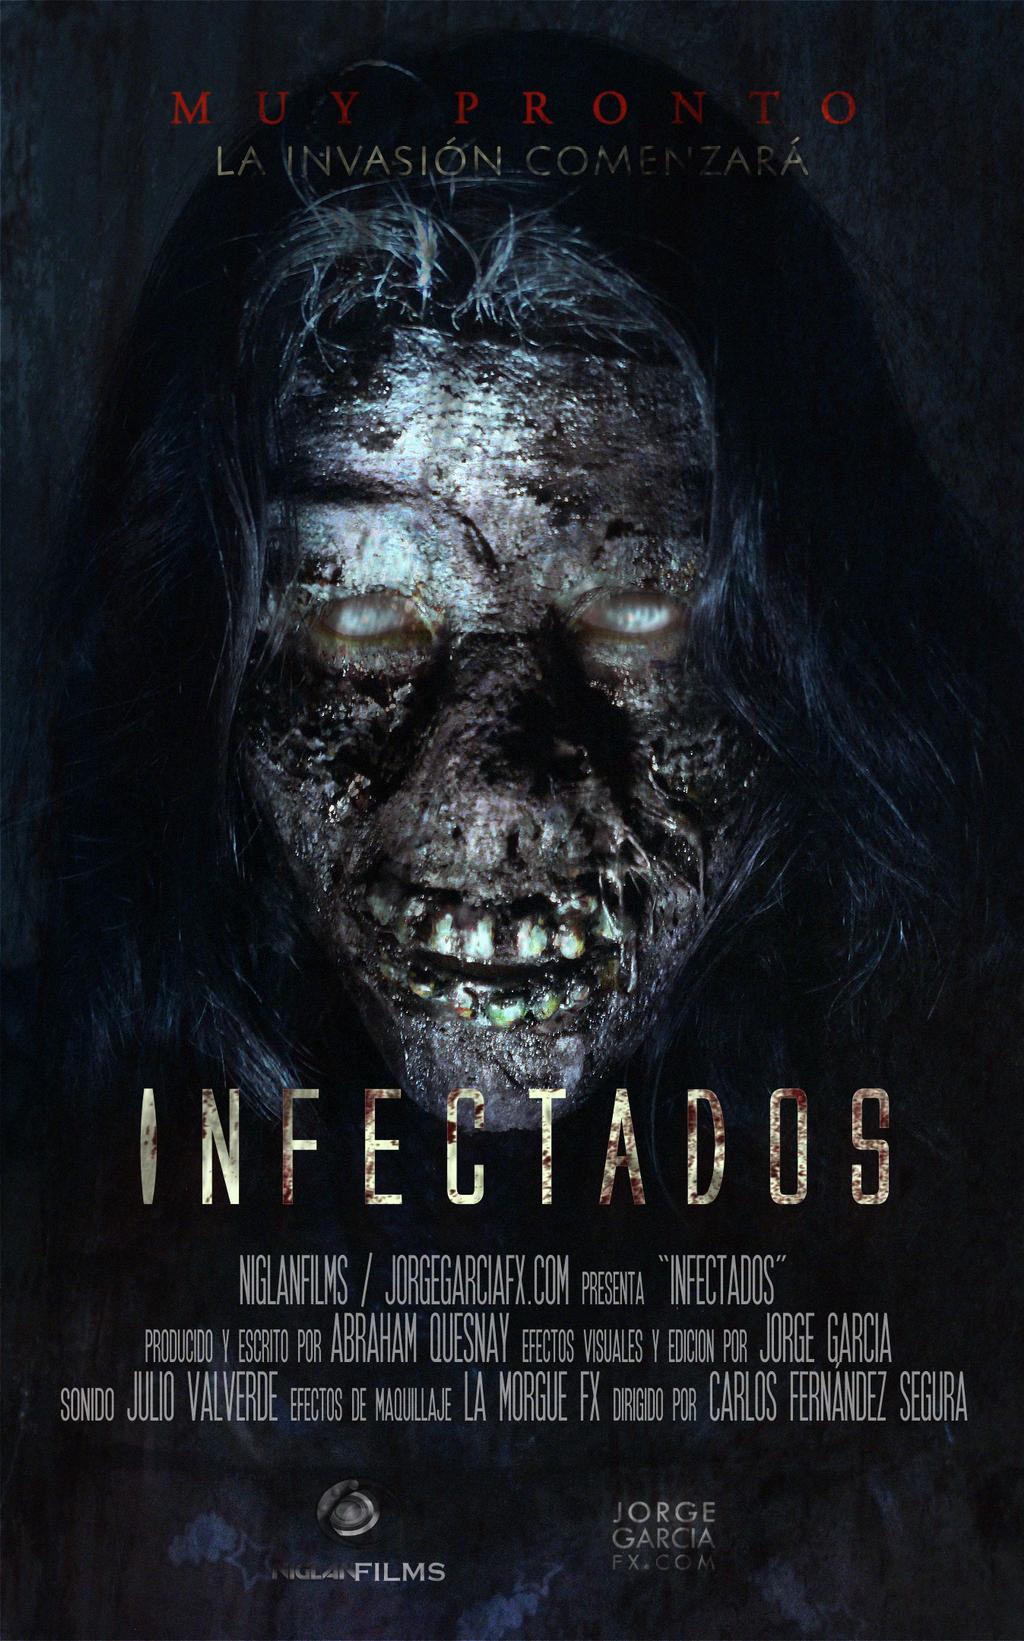 http://fc08.deviantart.net/fs70/i/2013/203/c/1/infectados__poster__by_elevenian-d6ekfup.jpg